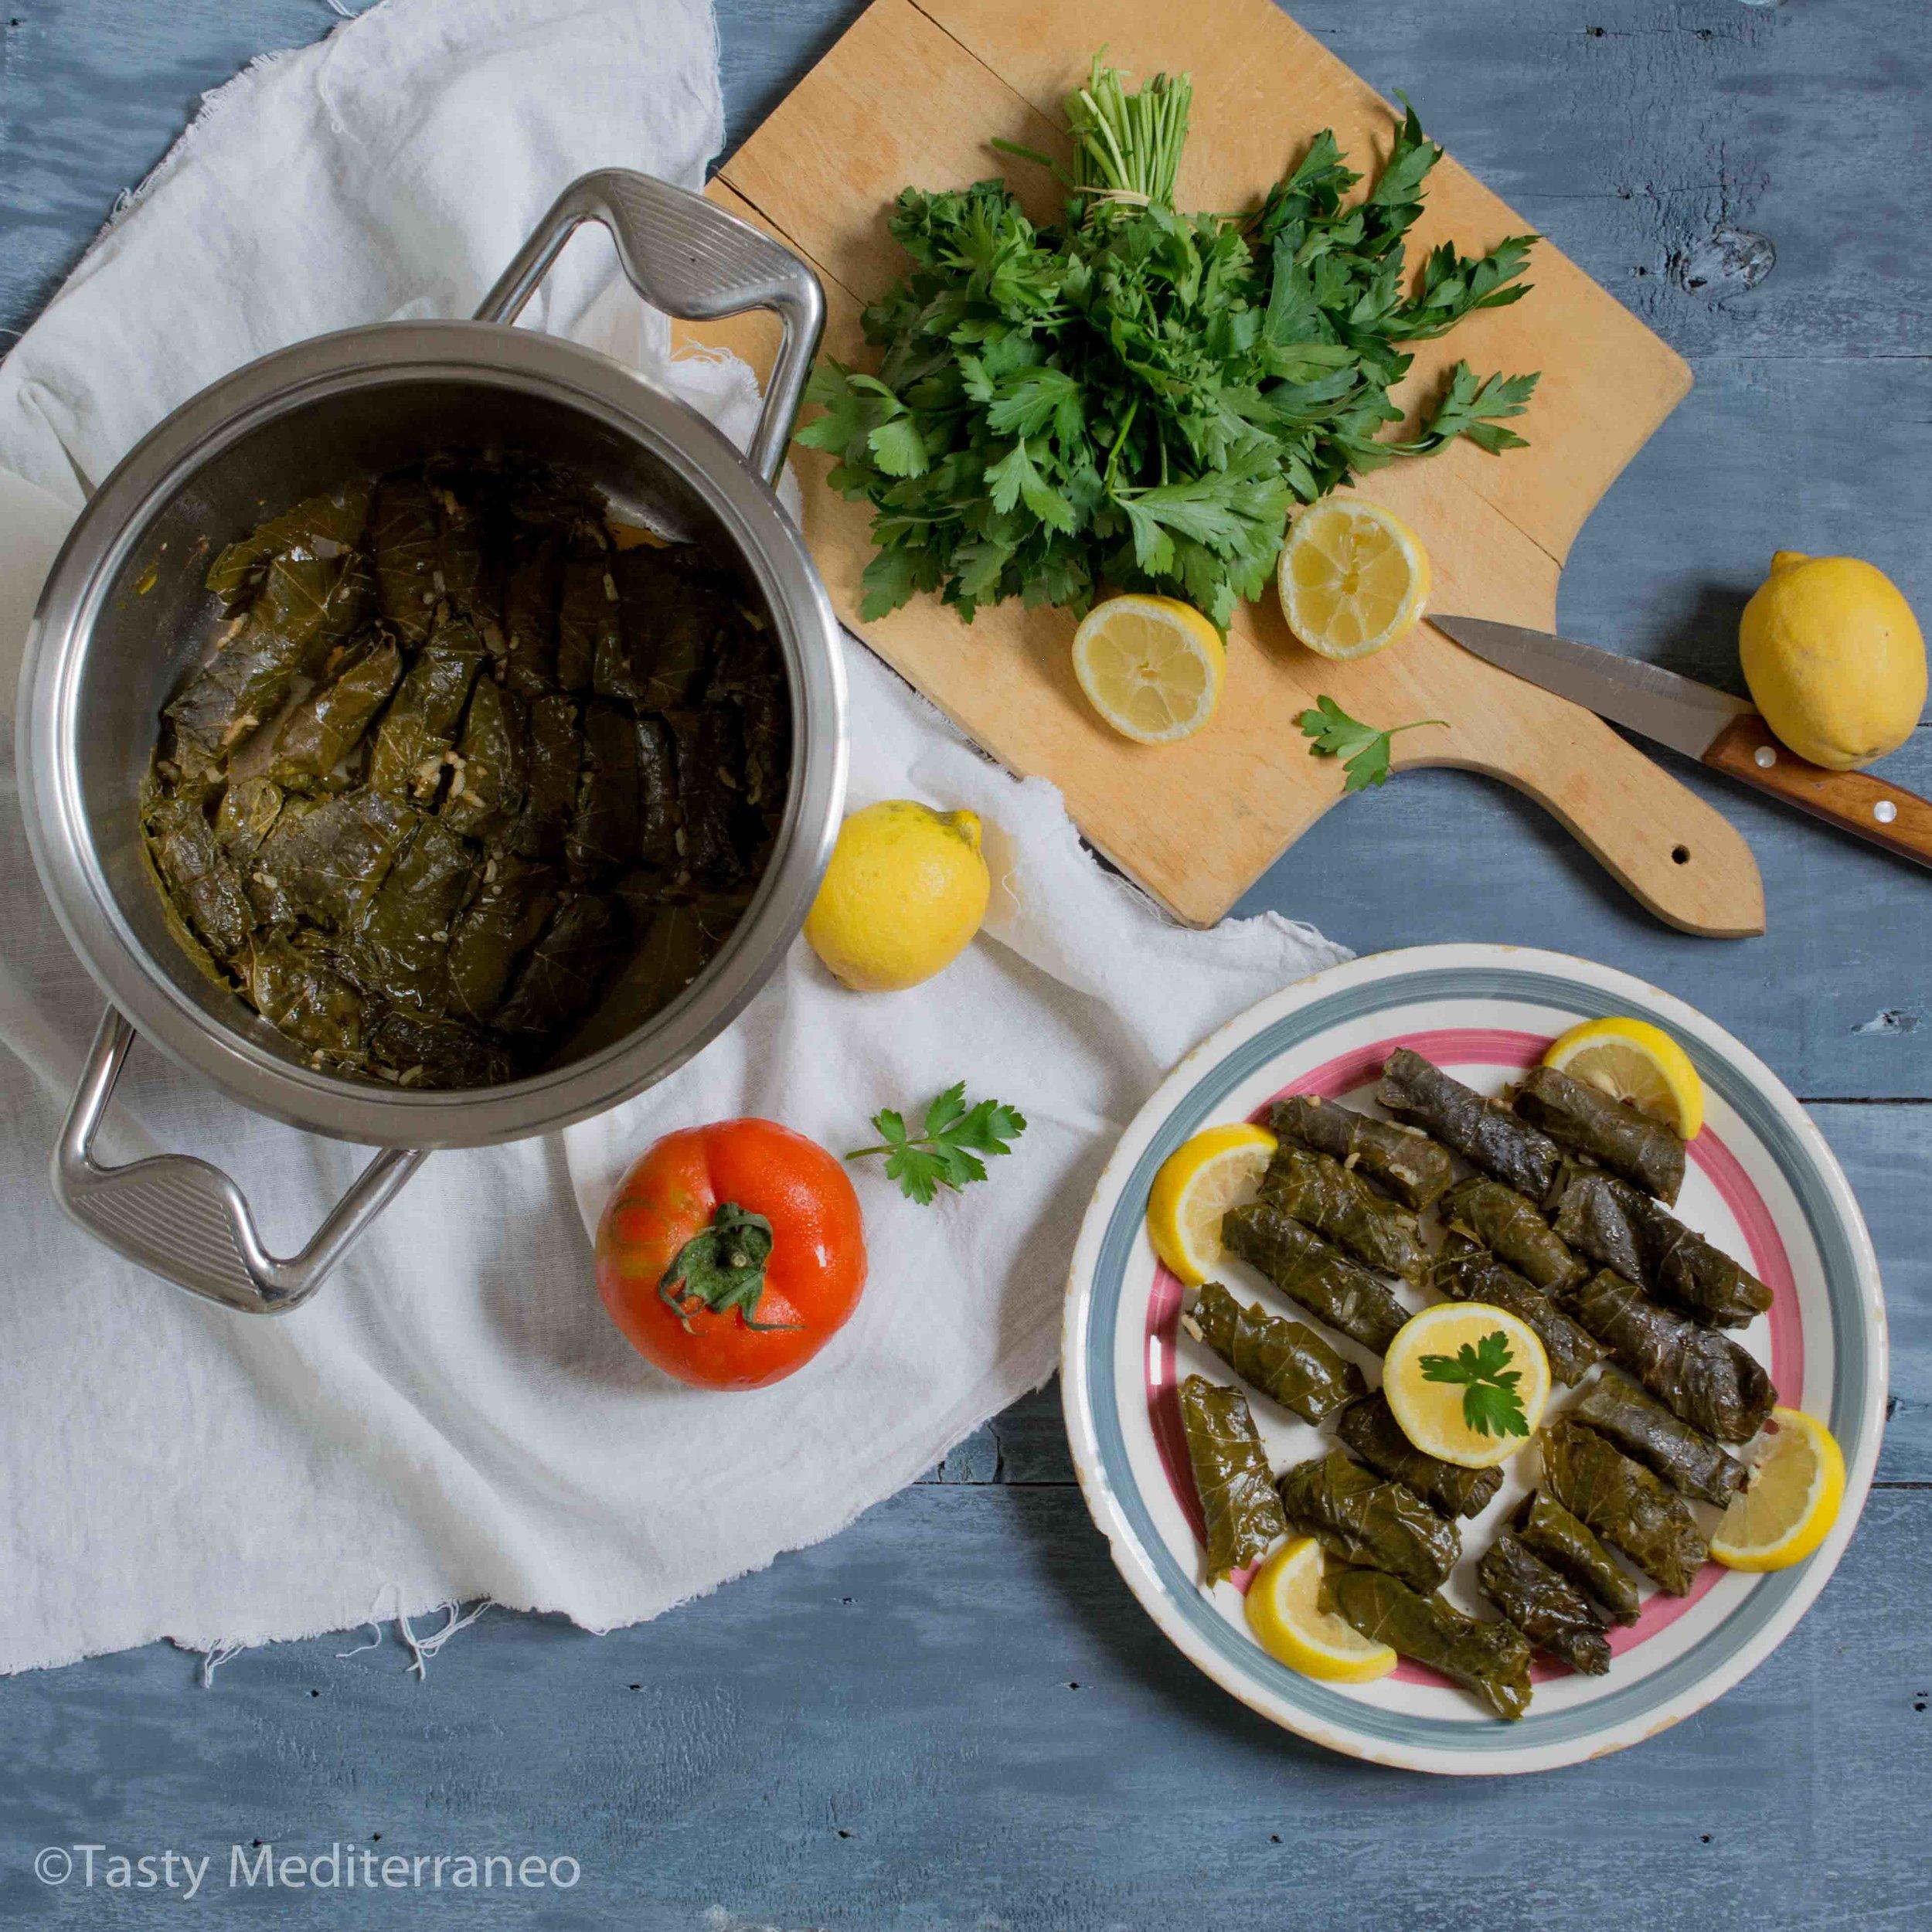 Tasty-Mediterraneo-stuffed-vine-leaves.jpg